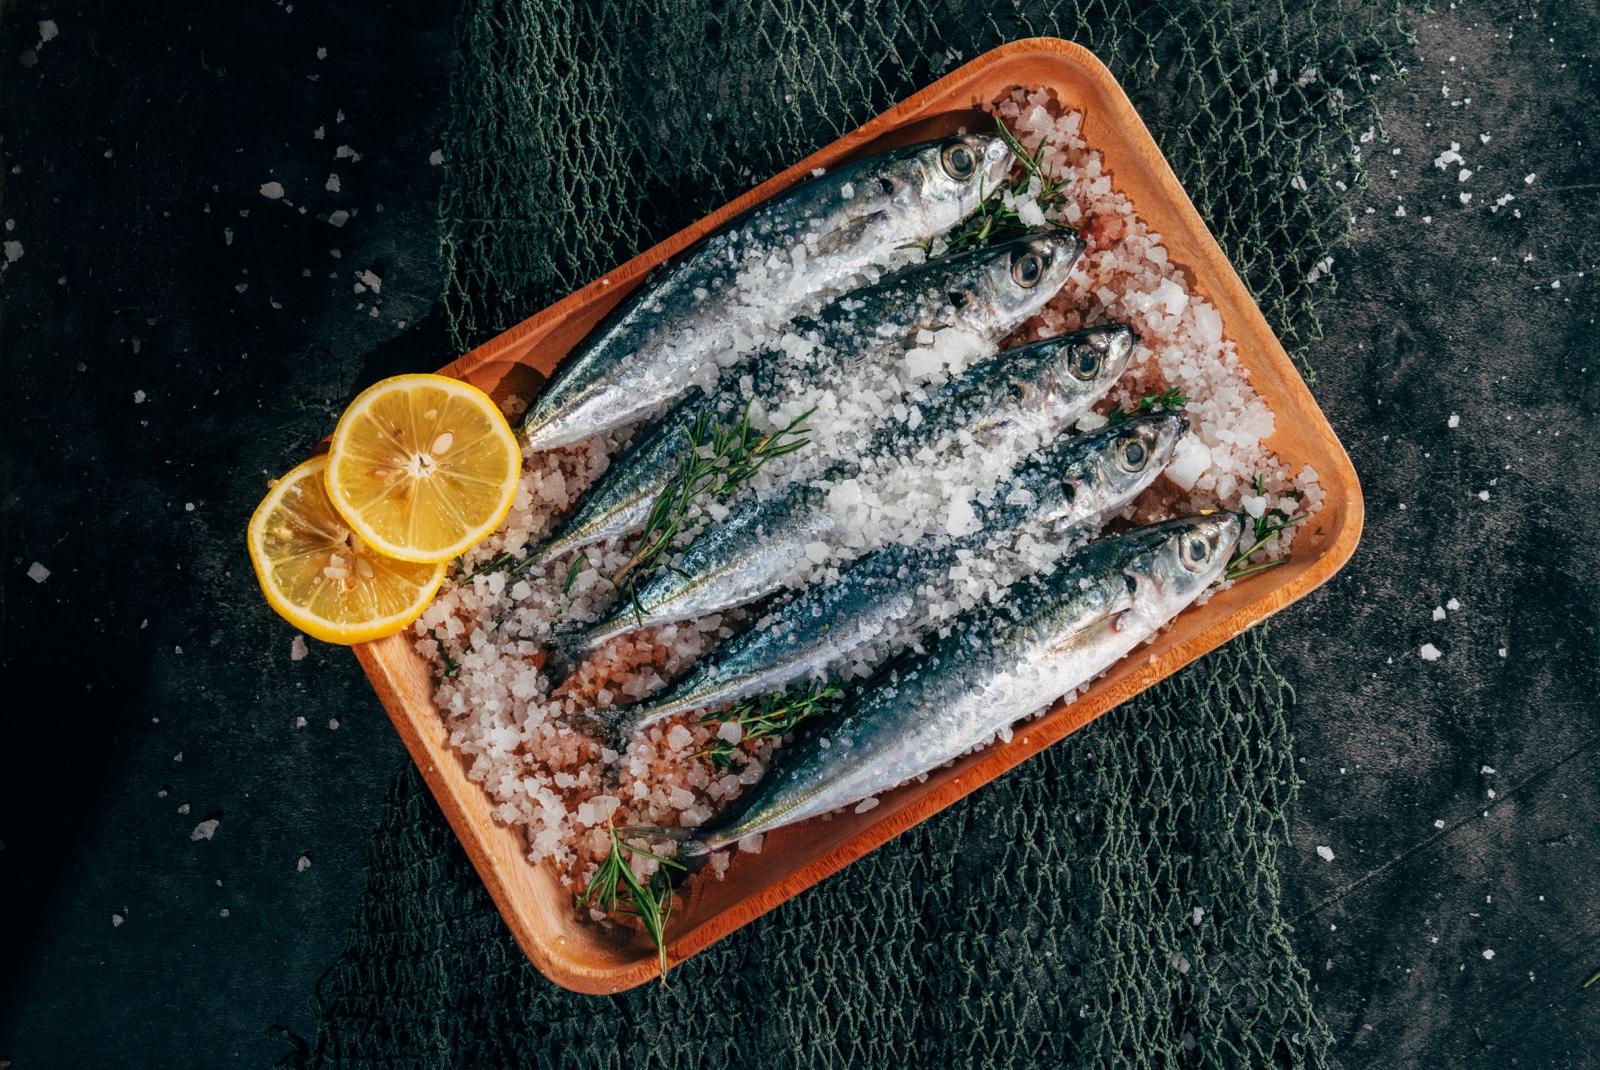 Pescado y marisco con bajo, medio y alto contenido en mercurio